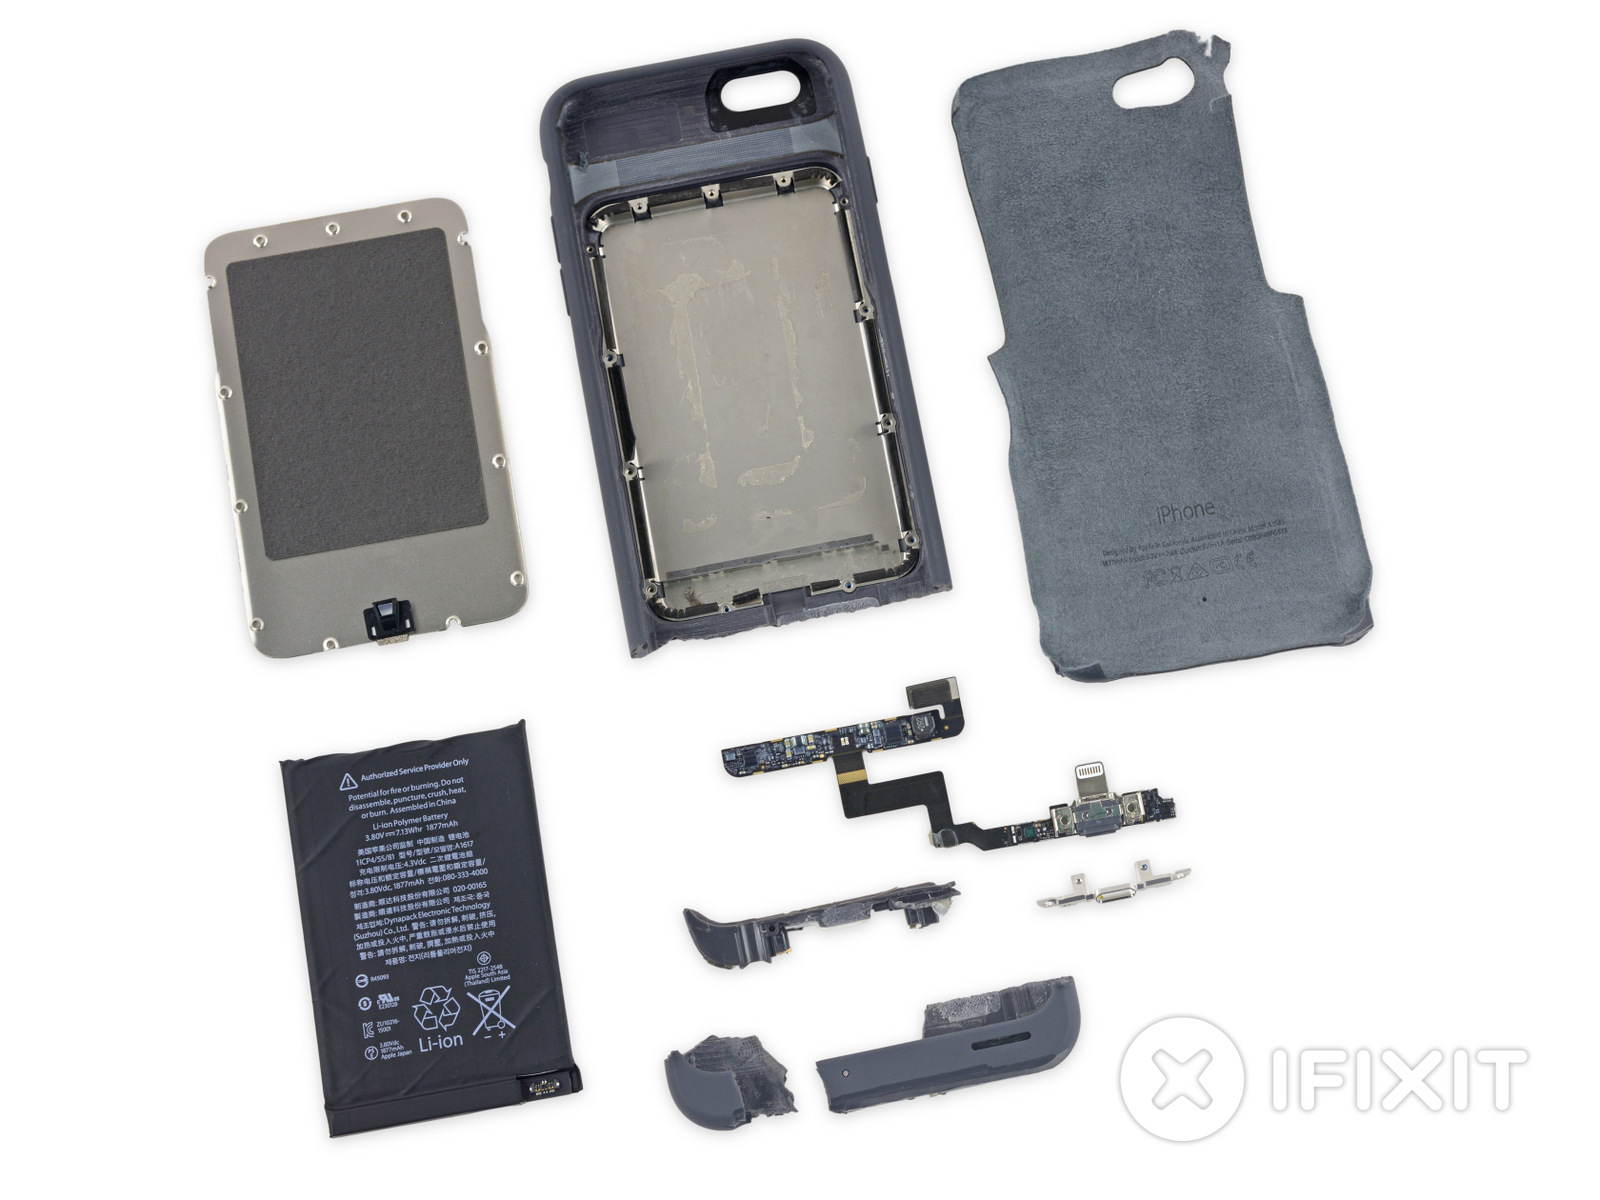 iFixit Smart Battery Case Teardown